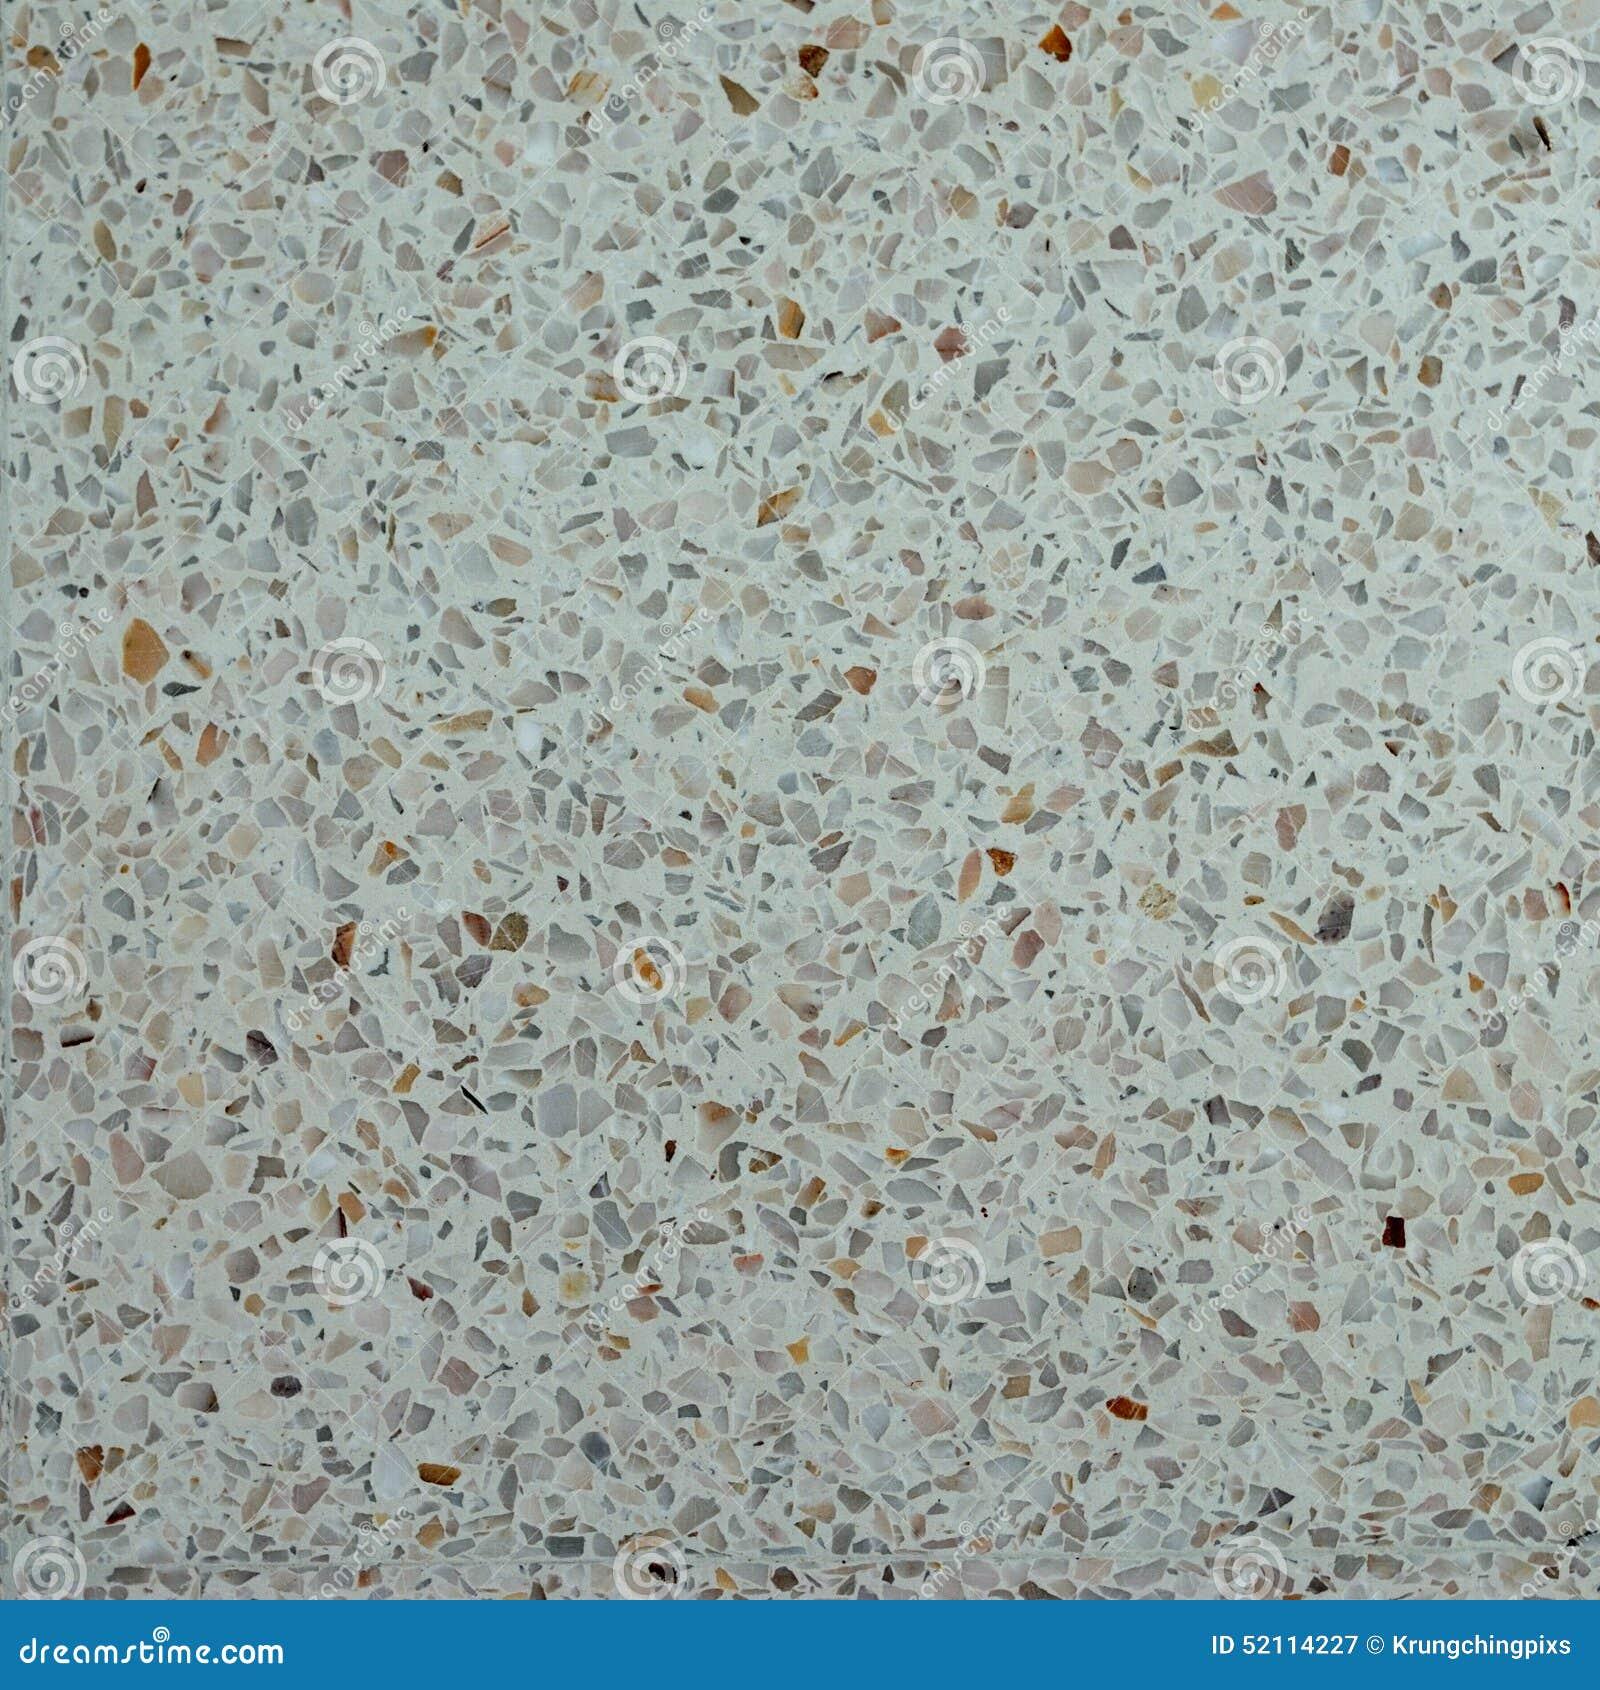 terrazzo floor background stock - photo #14